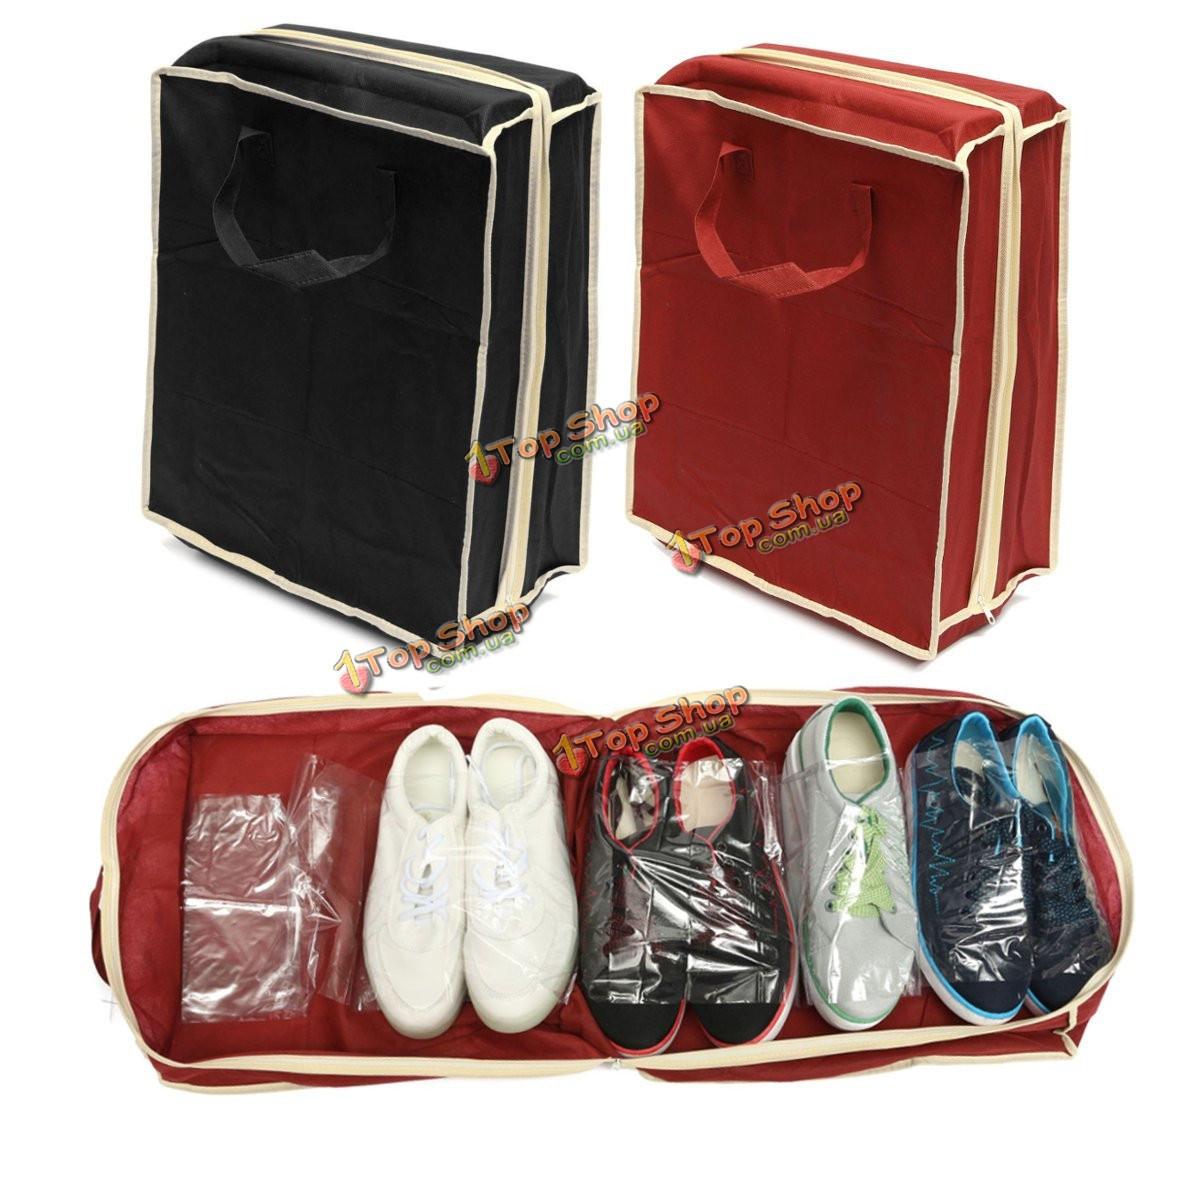 Портативные складные сумки обувь для хранения путешествовать тотализатор организатор молнии сумка - ➊TopShop ➠ Товары из Китая с бесплатной доставкой в Украину! в Киеве